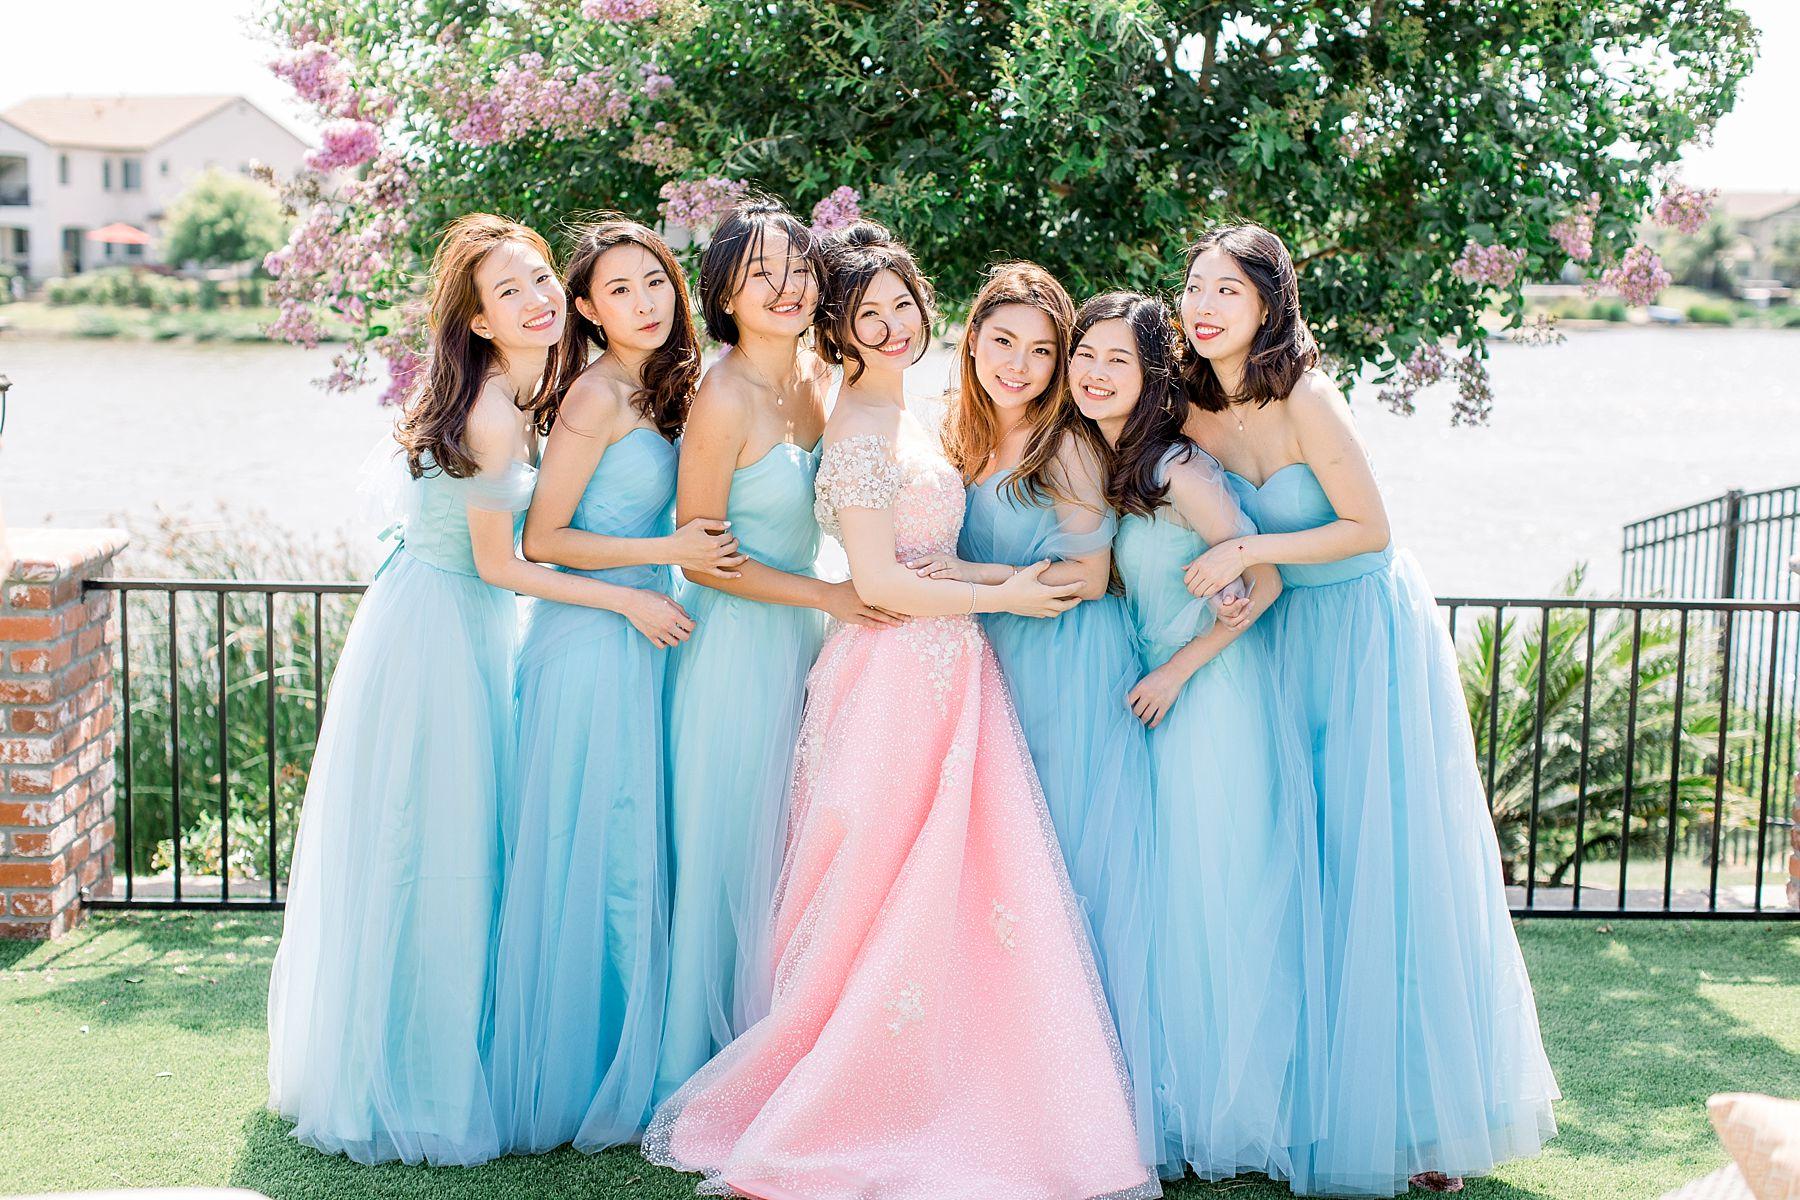 Newberry Estate Vineyards Wedding - Ashley Baumgartner - Jasmine and Johhny - Bay Area Wedding Photographer - Sacramento Wedding Photographer_0013.jpg